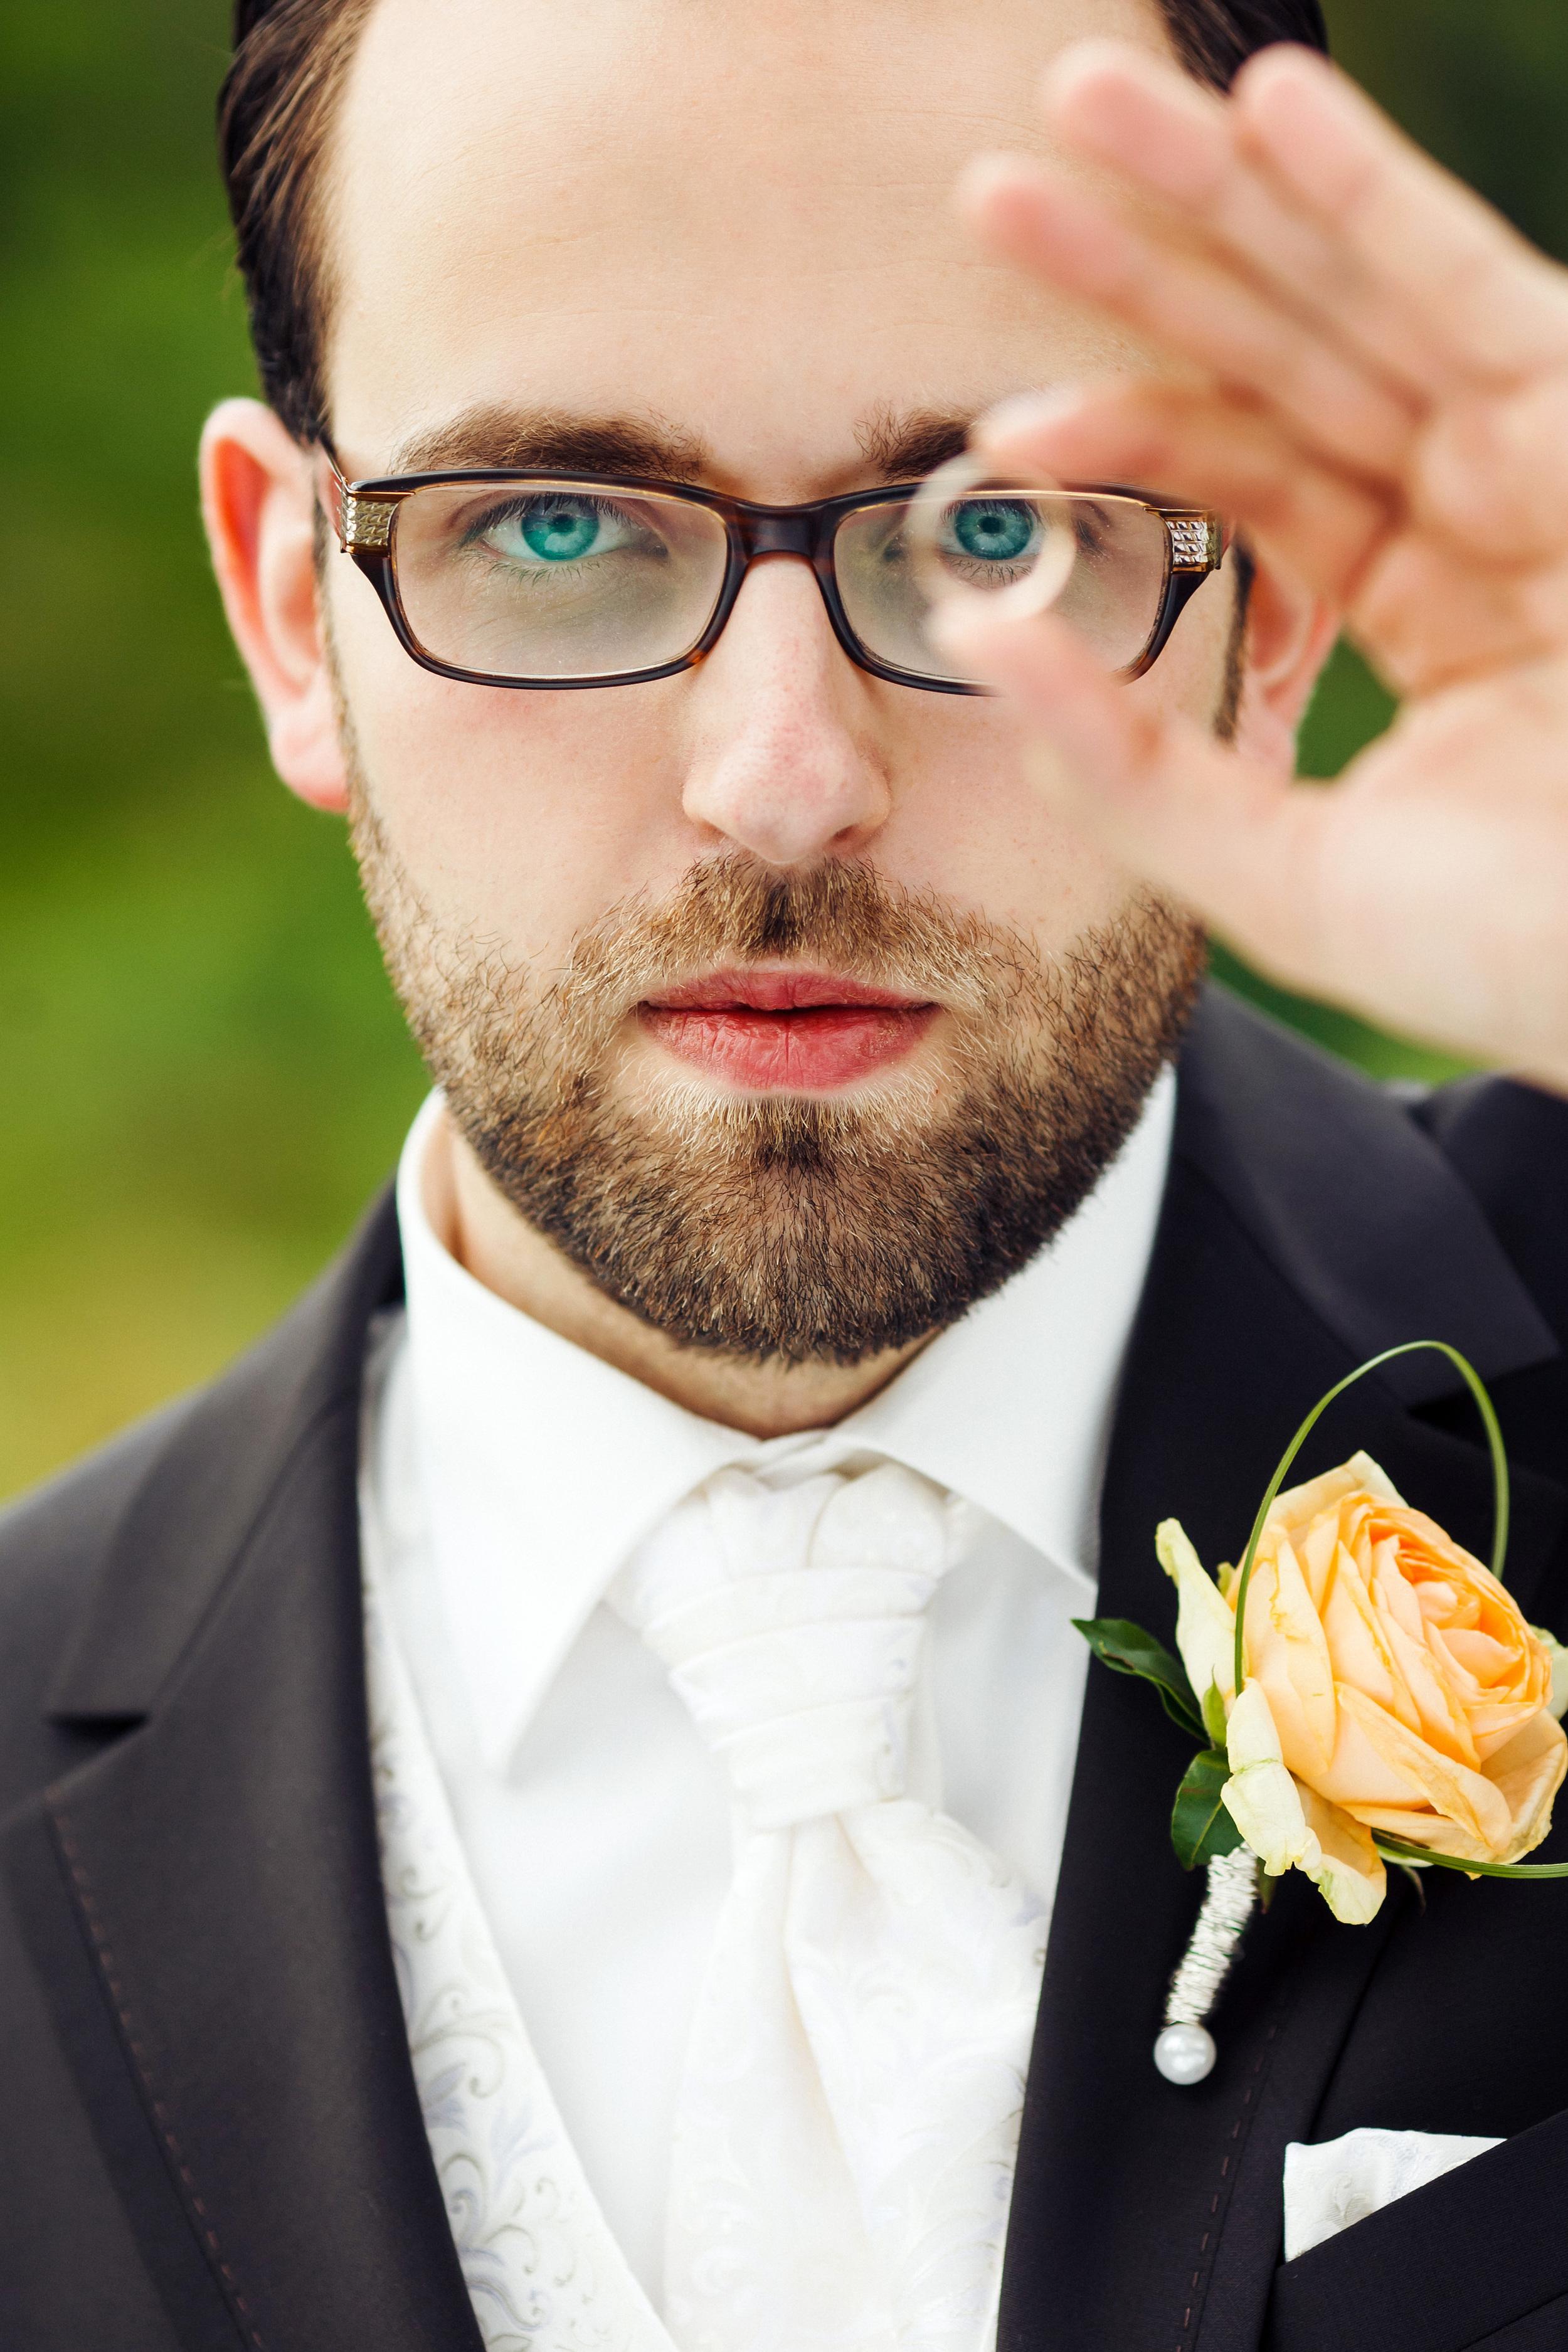 Hochzeit-254.jpg